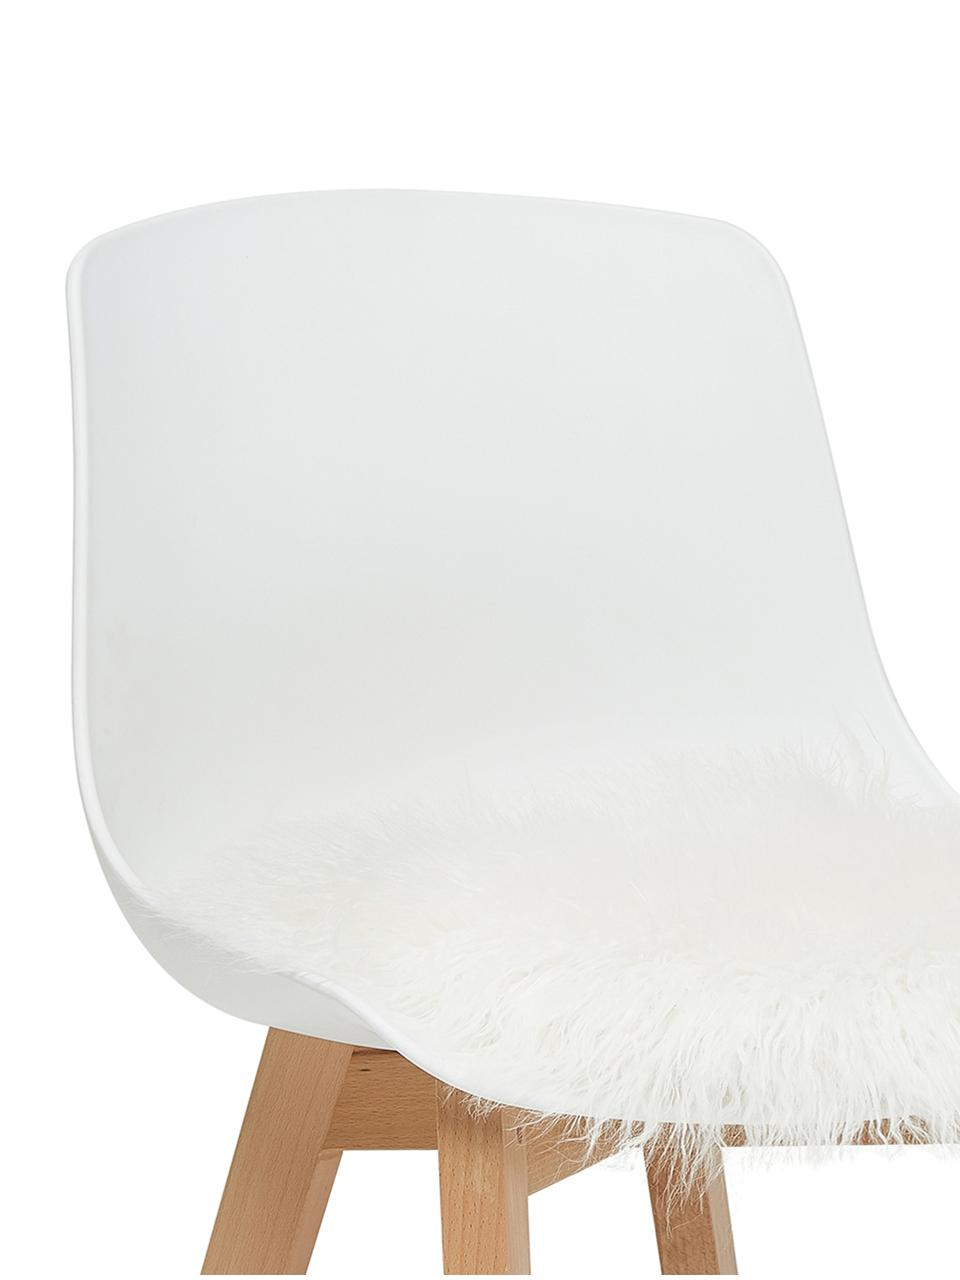 Cuscino sedia in similpelle Morten, riccio, Retro: 100% poliestere, Crema, Ø 37 cm